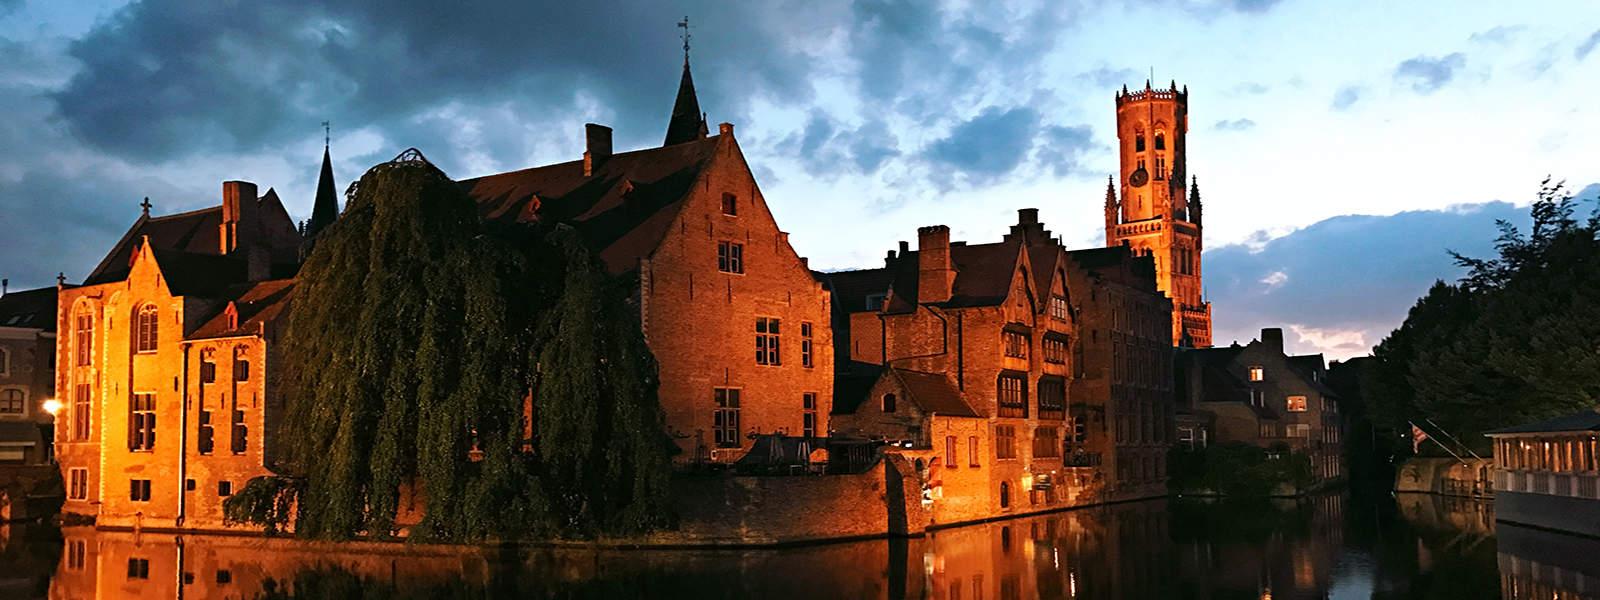 عرض سياحي 5 أيام في بلجيكا لشخصين